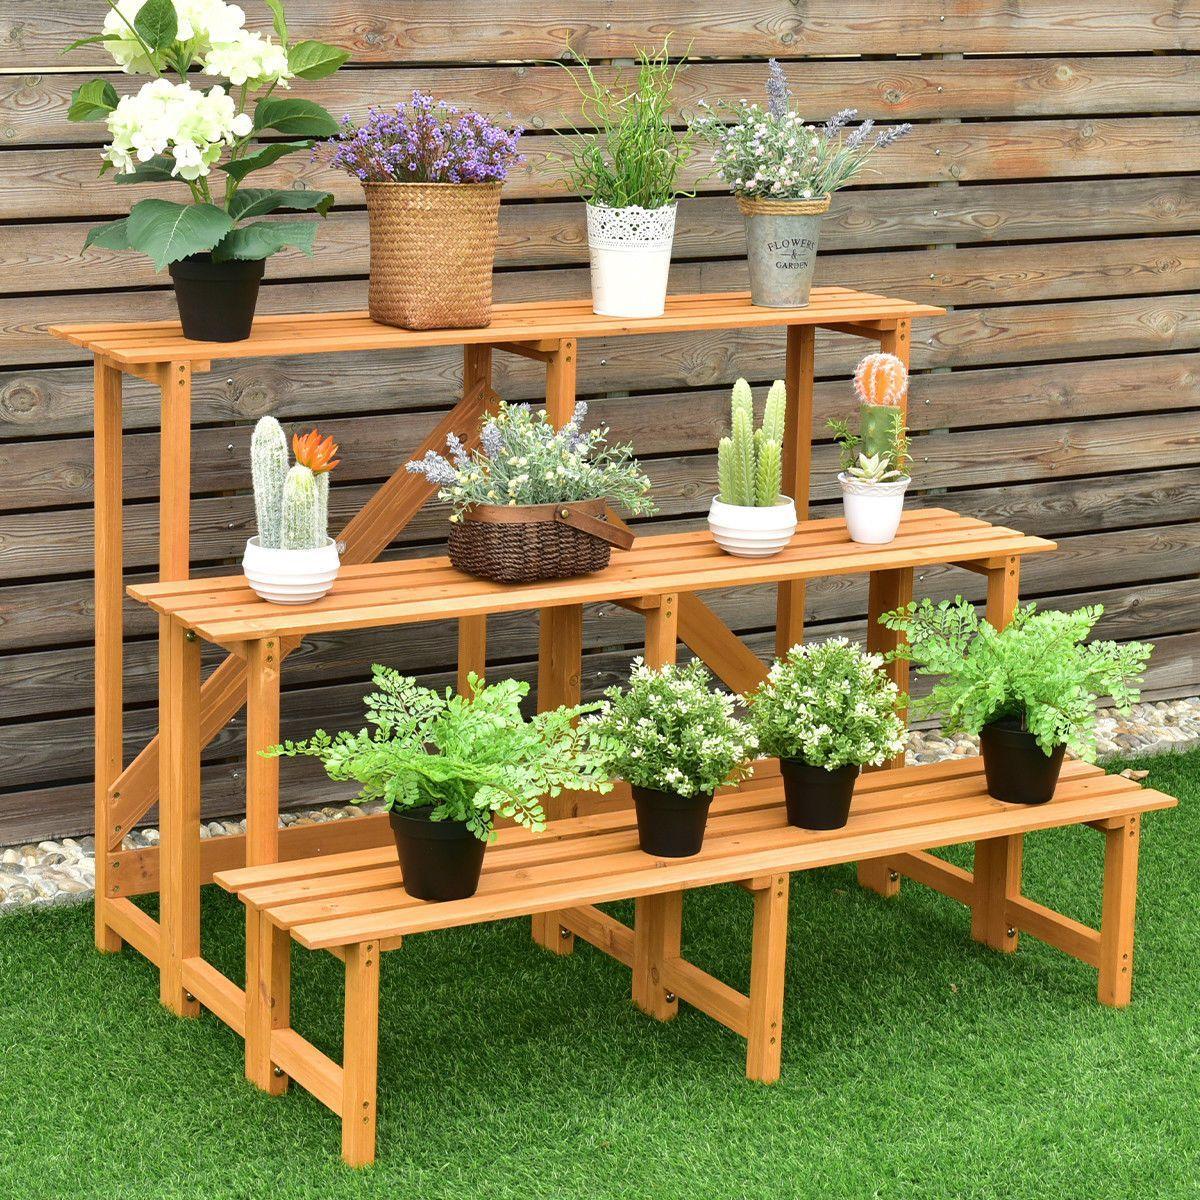 Outdoor #Garden Wooden Potting Bench Work Station | Wood Plant Stand, Plant Stands Outdoor, Plant Stand